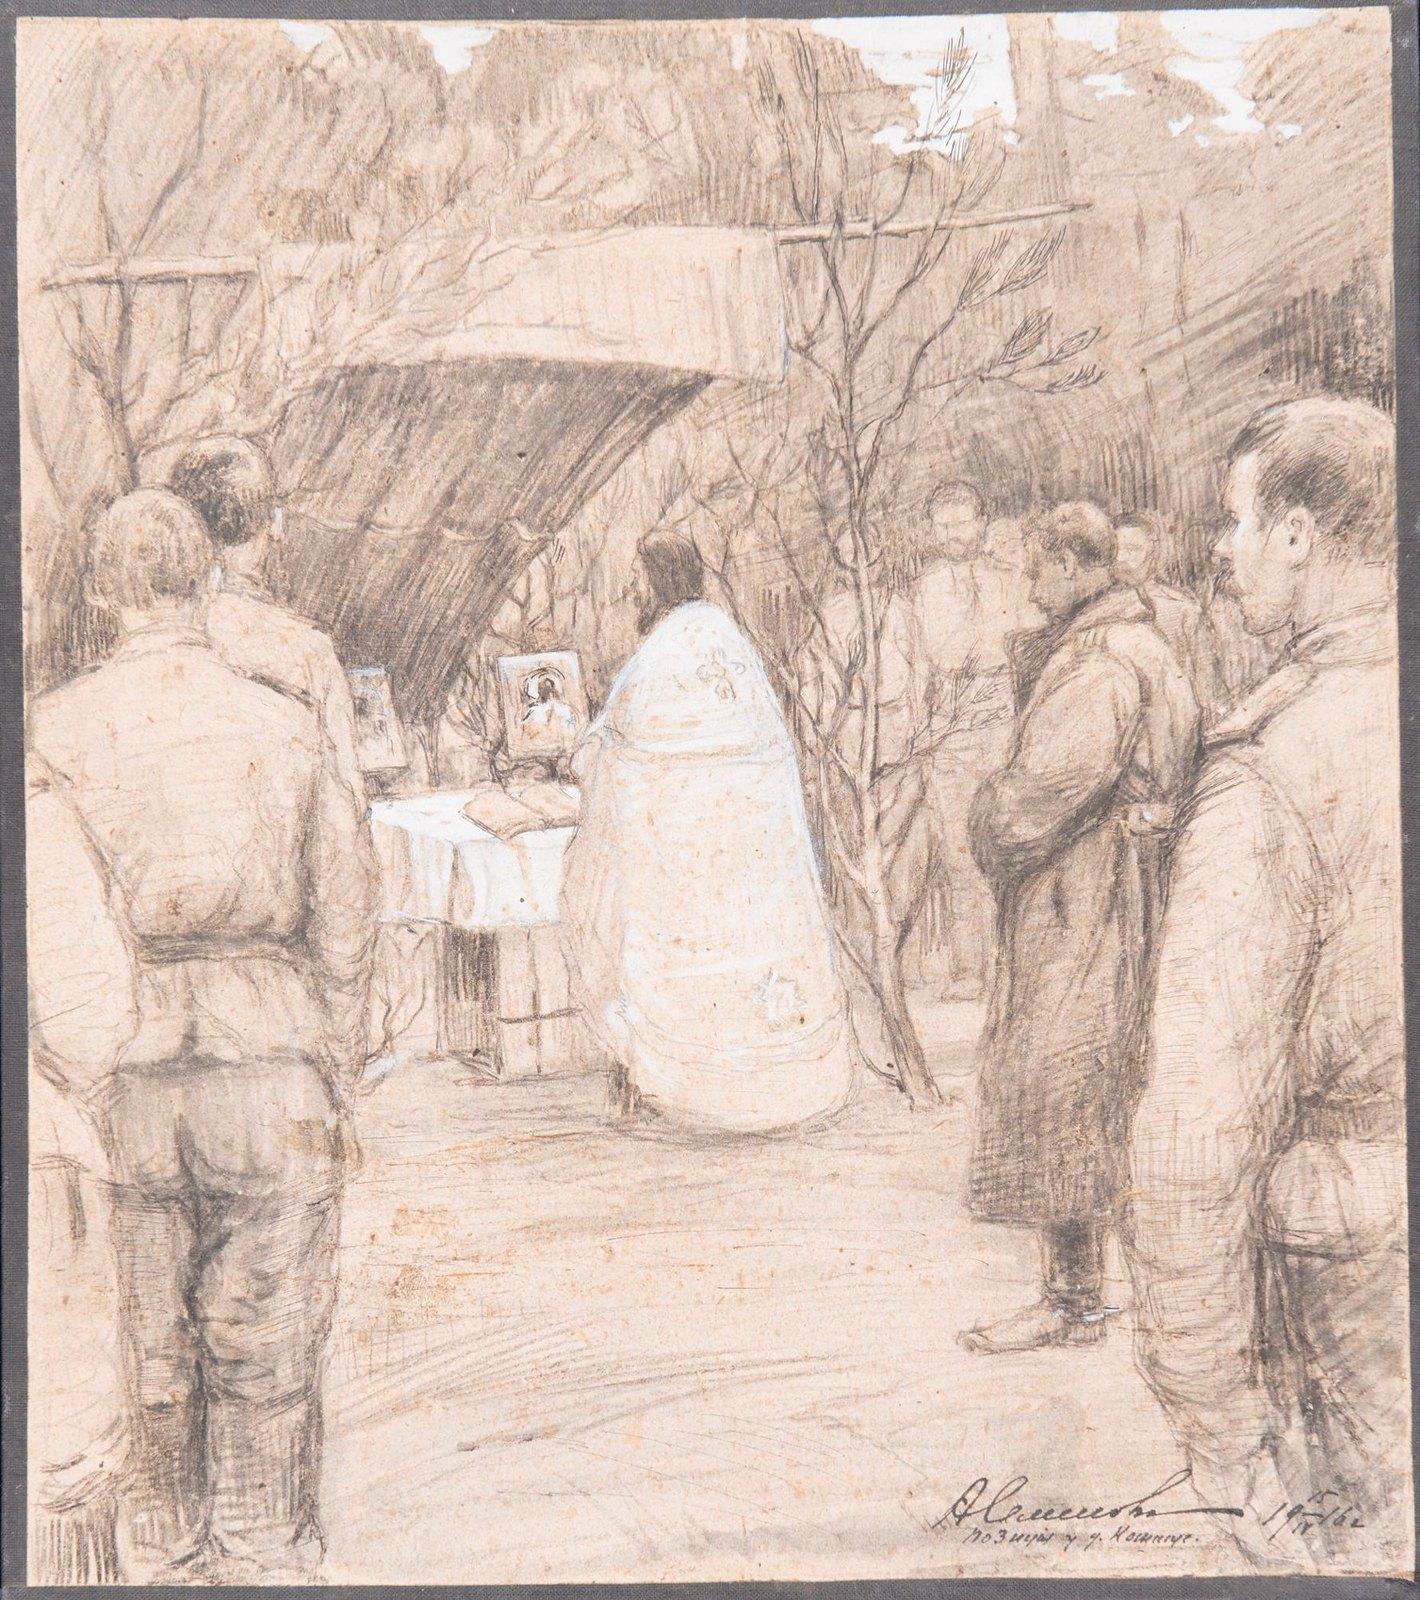 1916. Молитва на позиции у деревни Коснище в Волынской губернии. 15 апреля